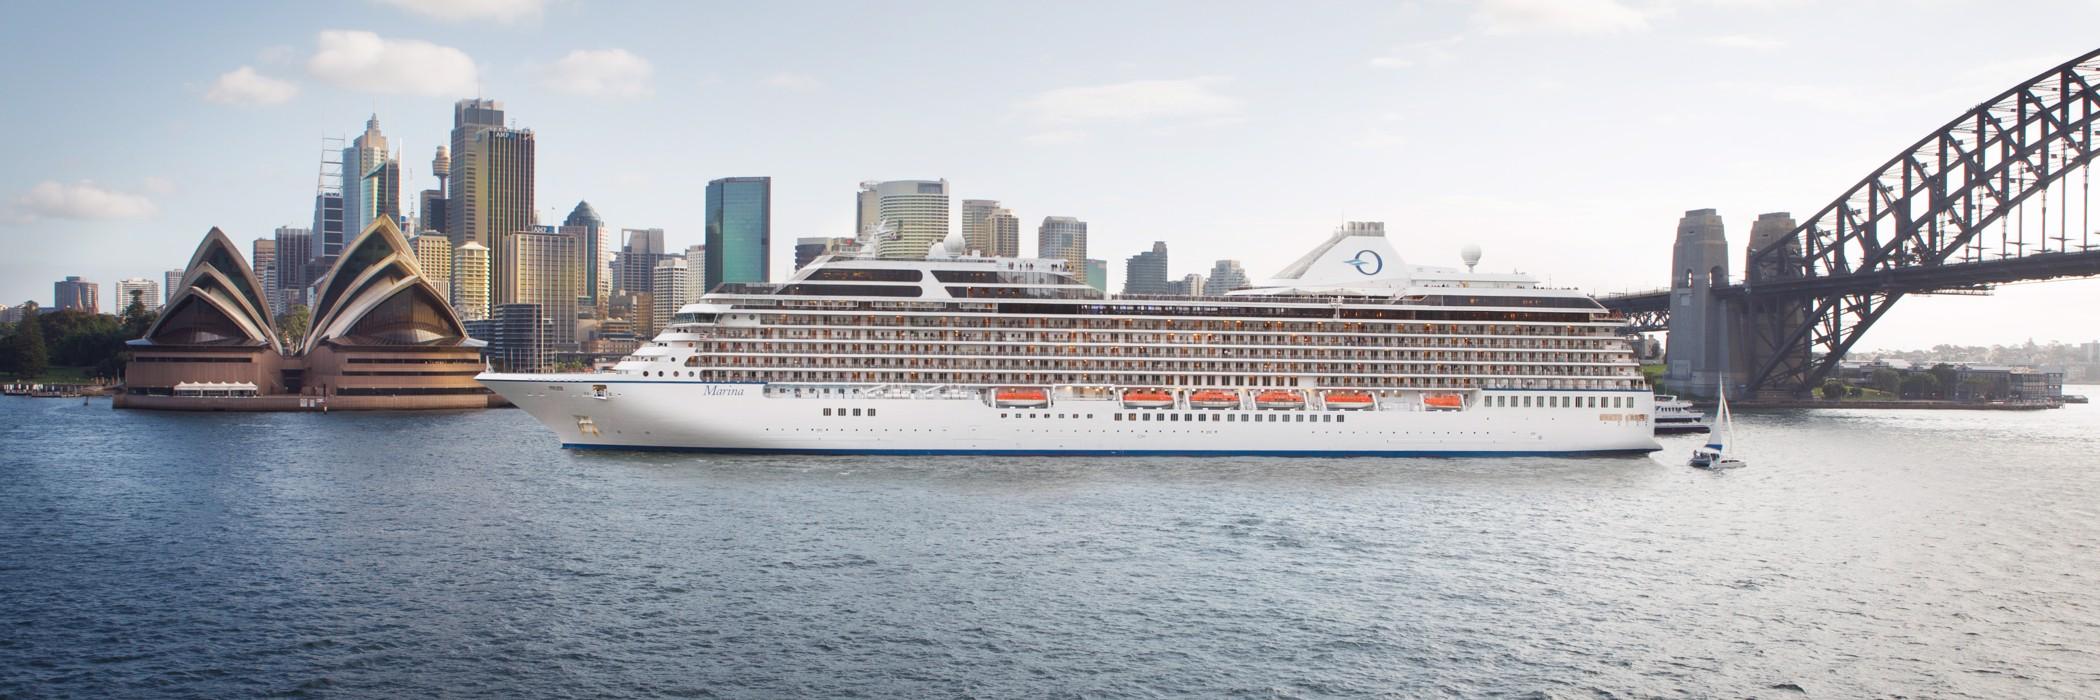 Oceania Cruises Oceania Cruise Holidays Iglu Cruise